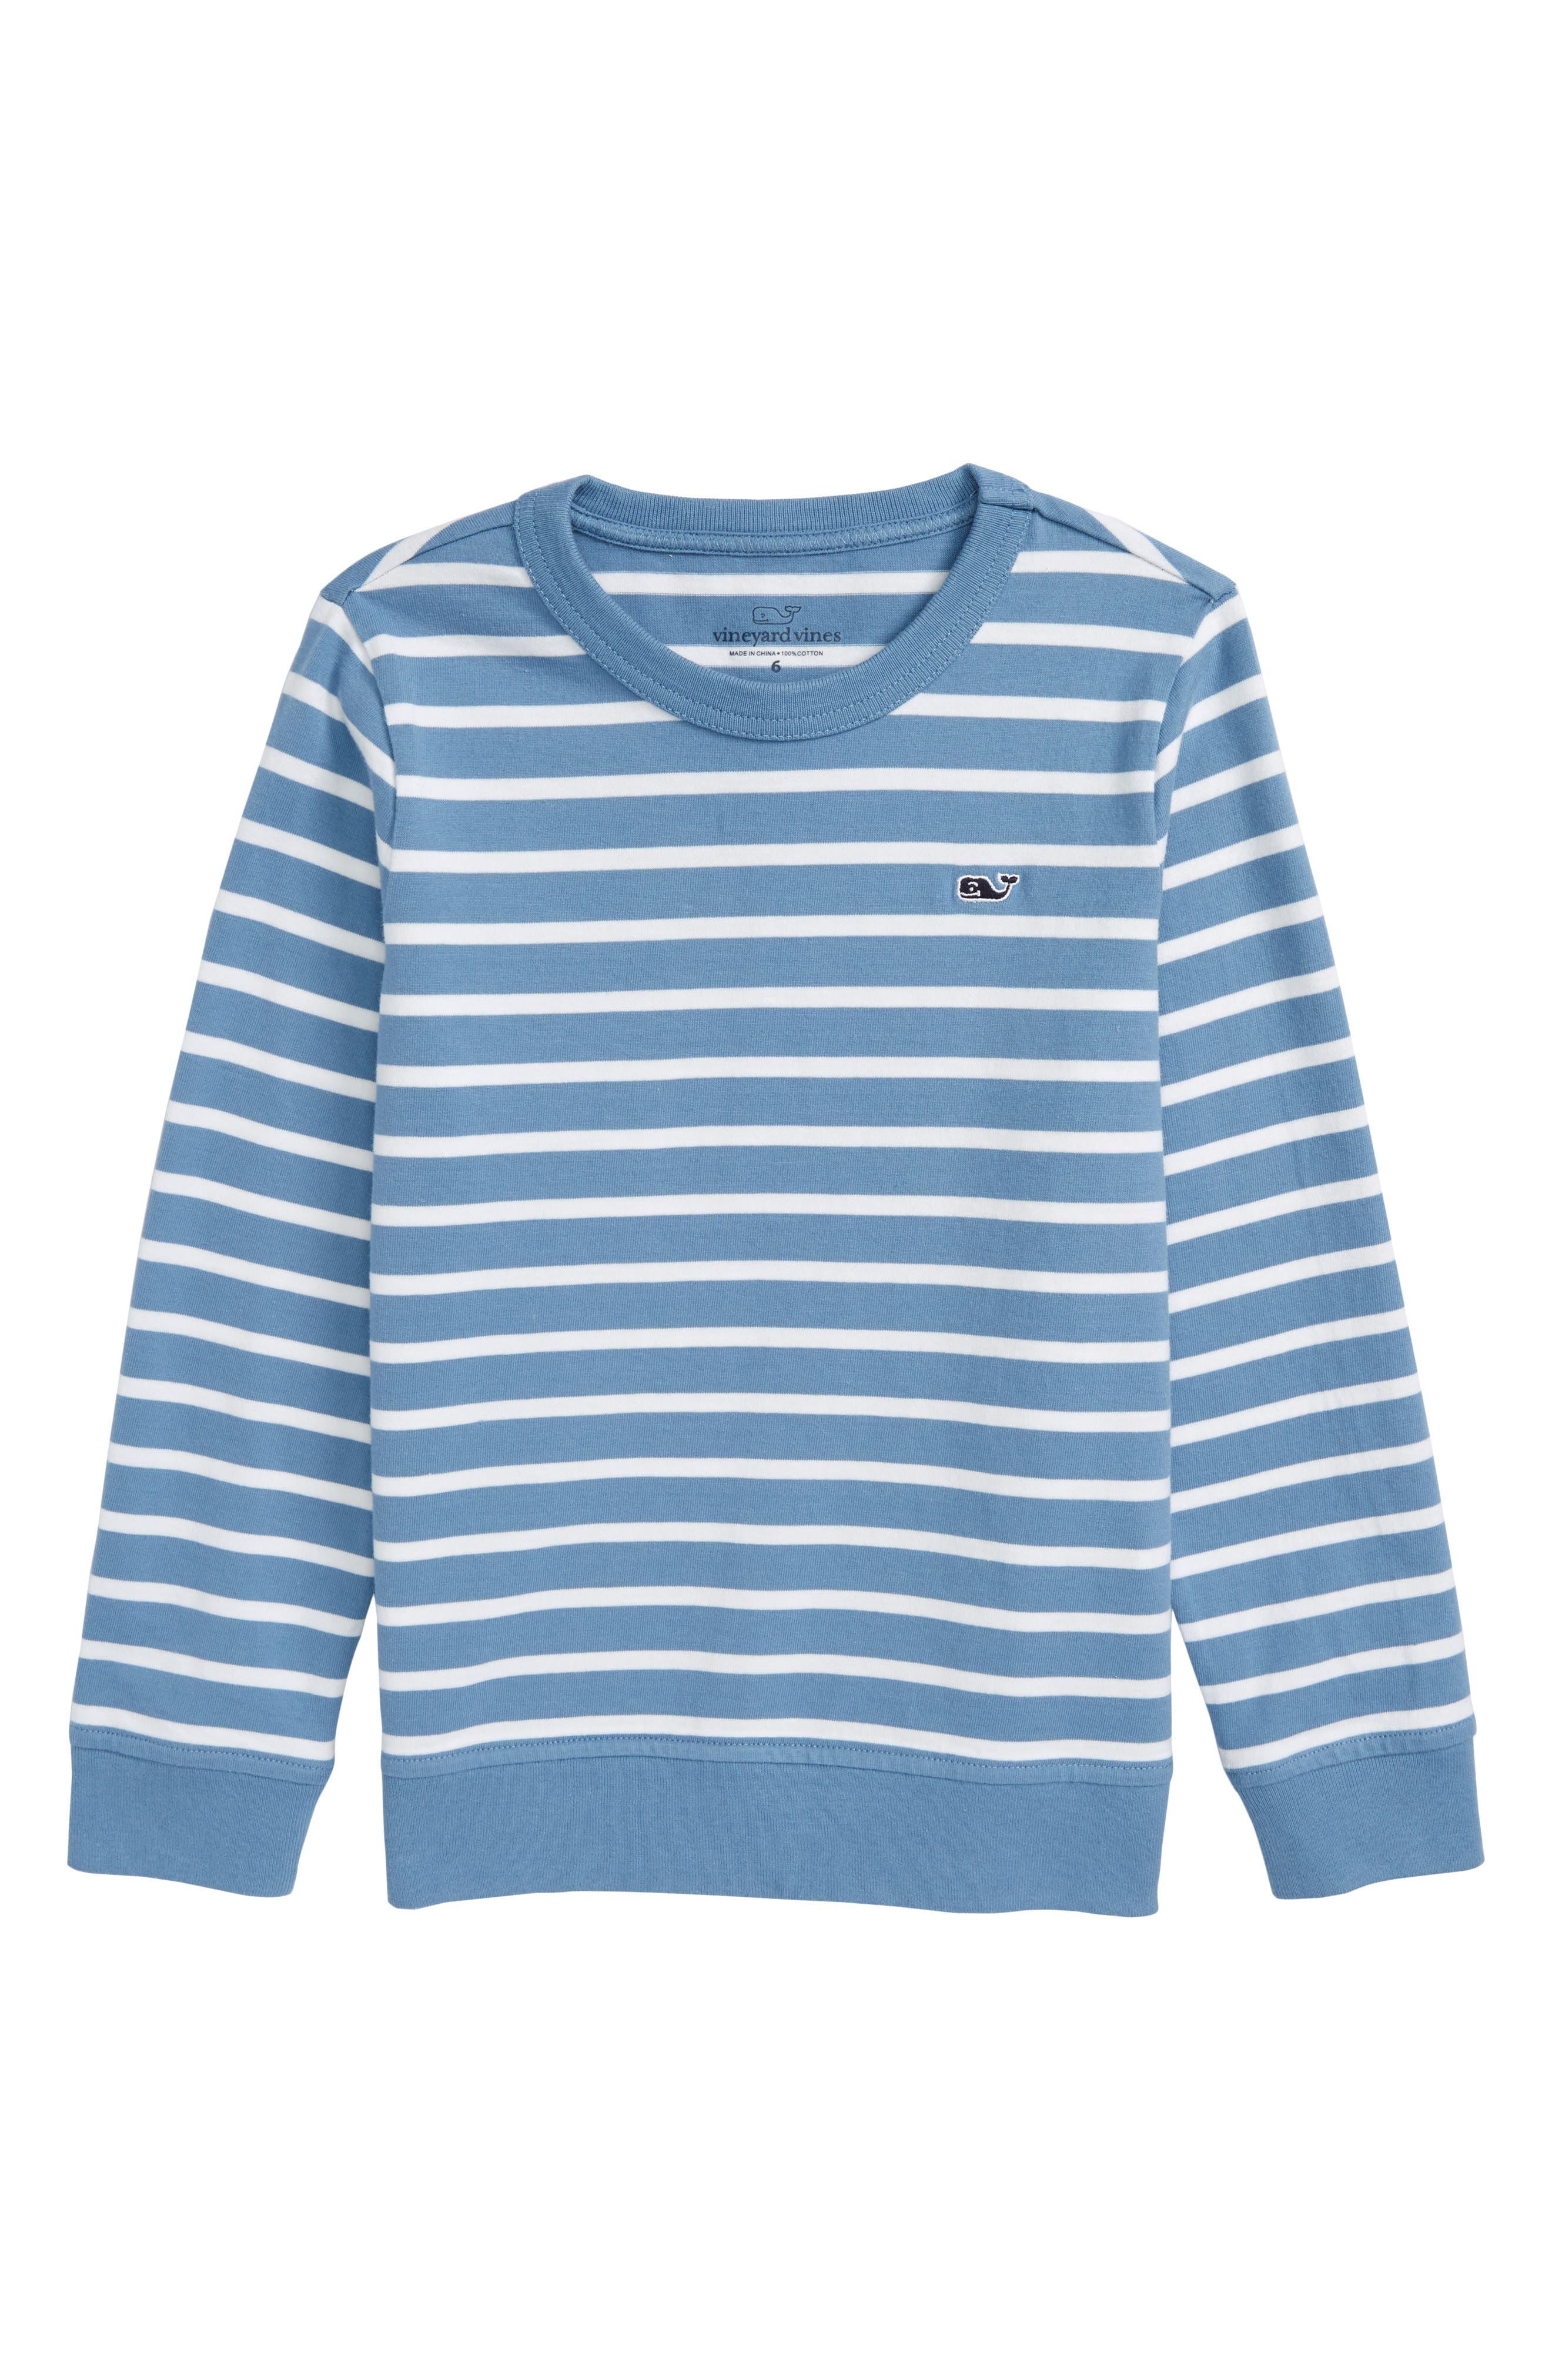 Stripe Crewneck Sweater,                         Main,                         color, Dockside Blue